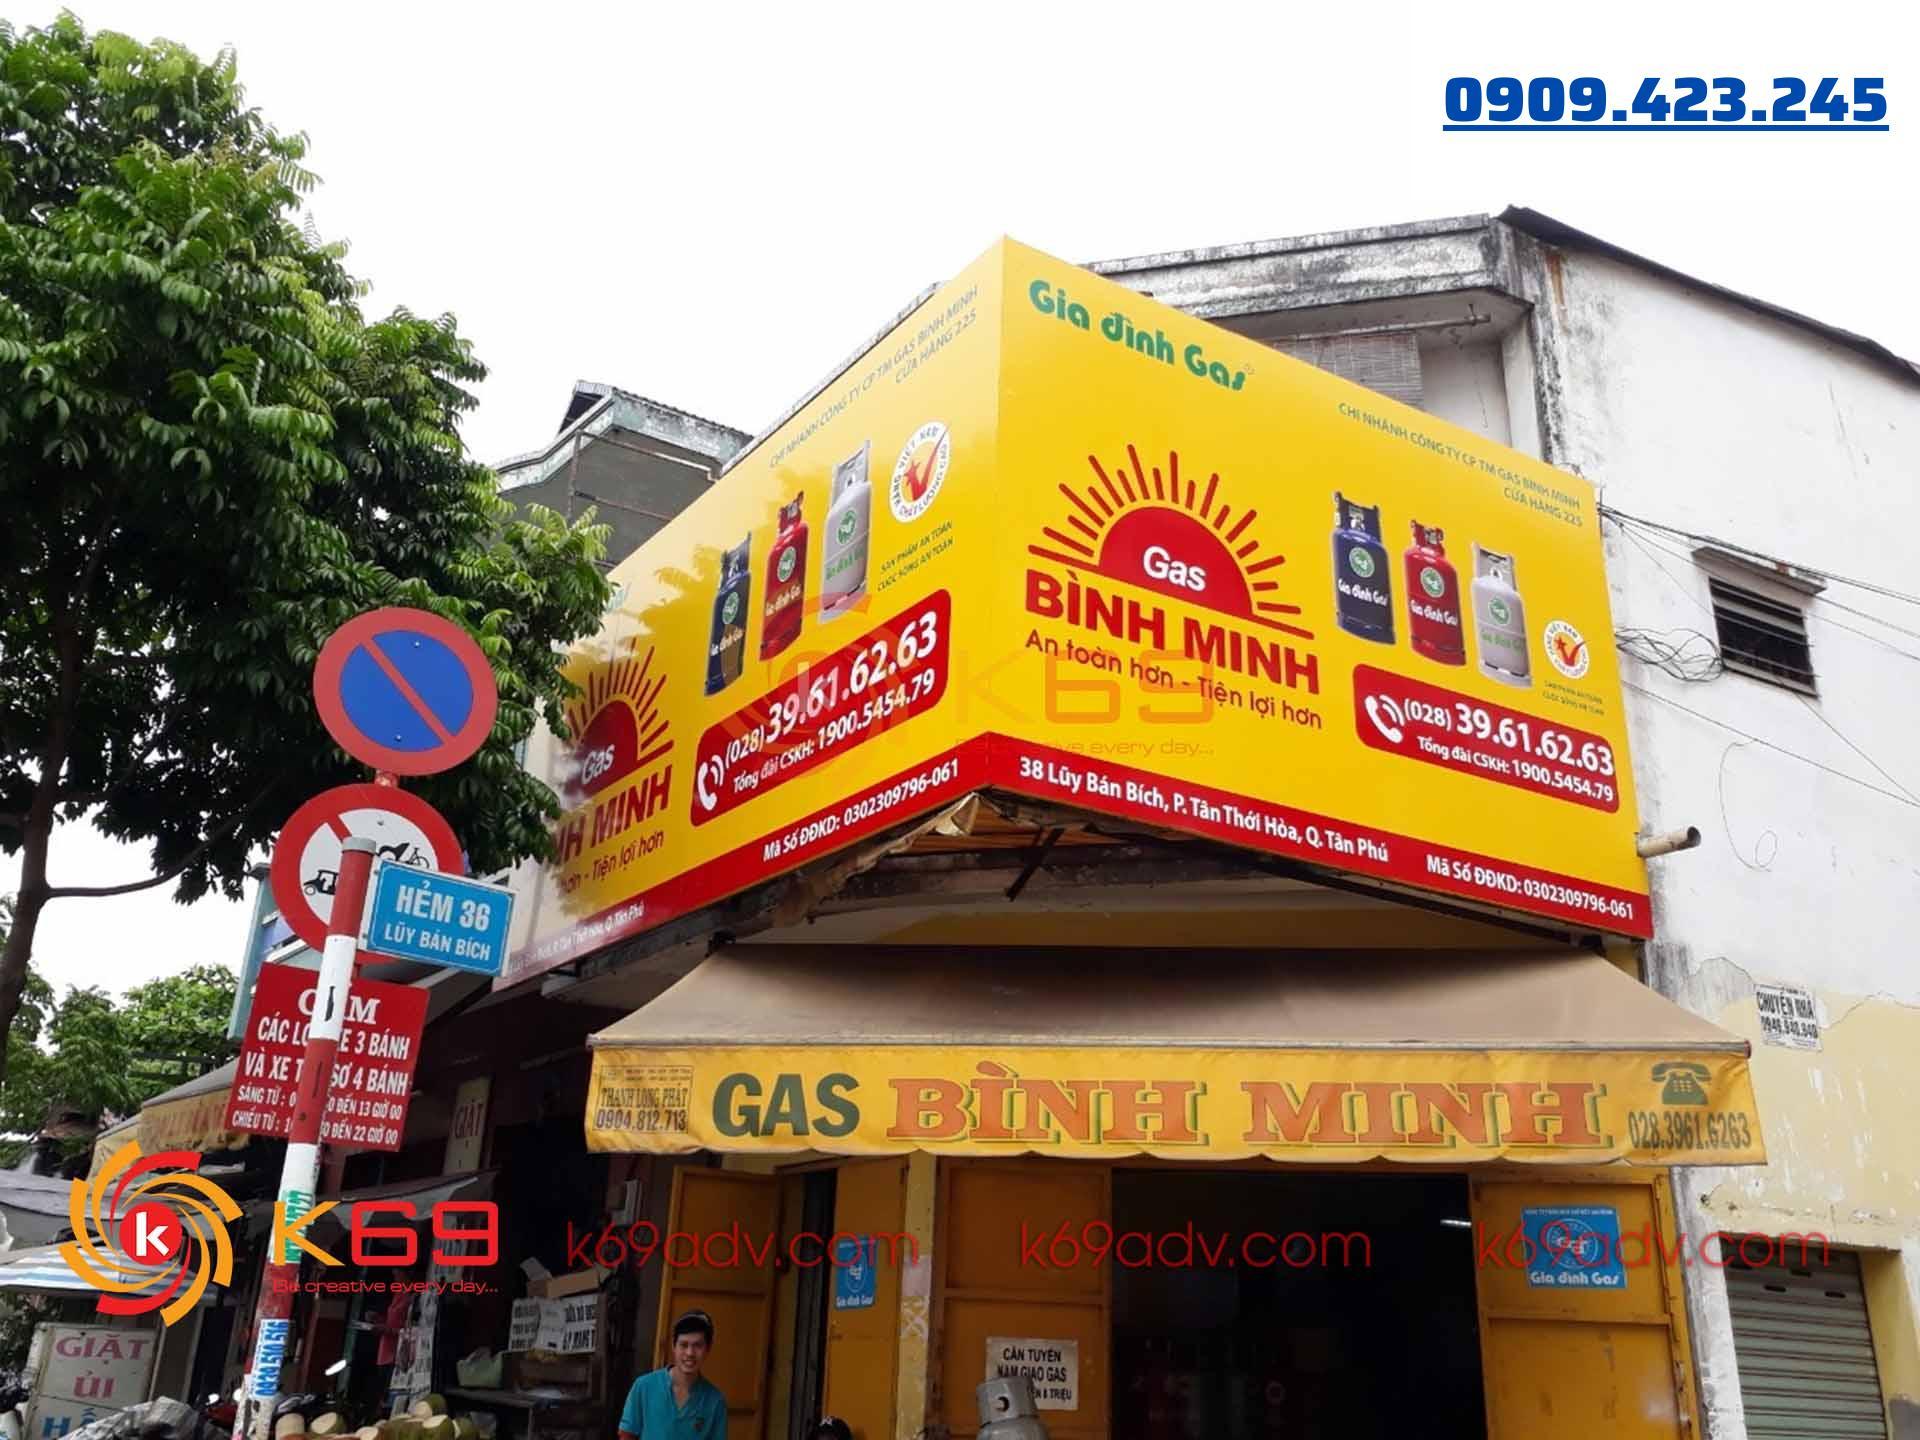 Làm bảng hiệu bạt hiflex tại quận Tân Phú do K69adv thi công